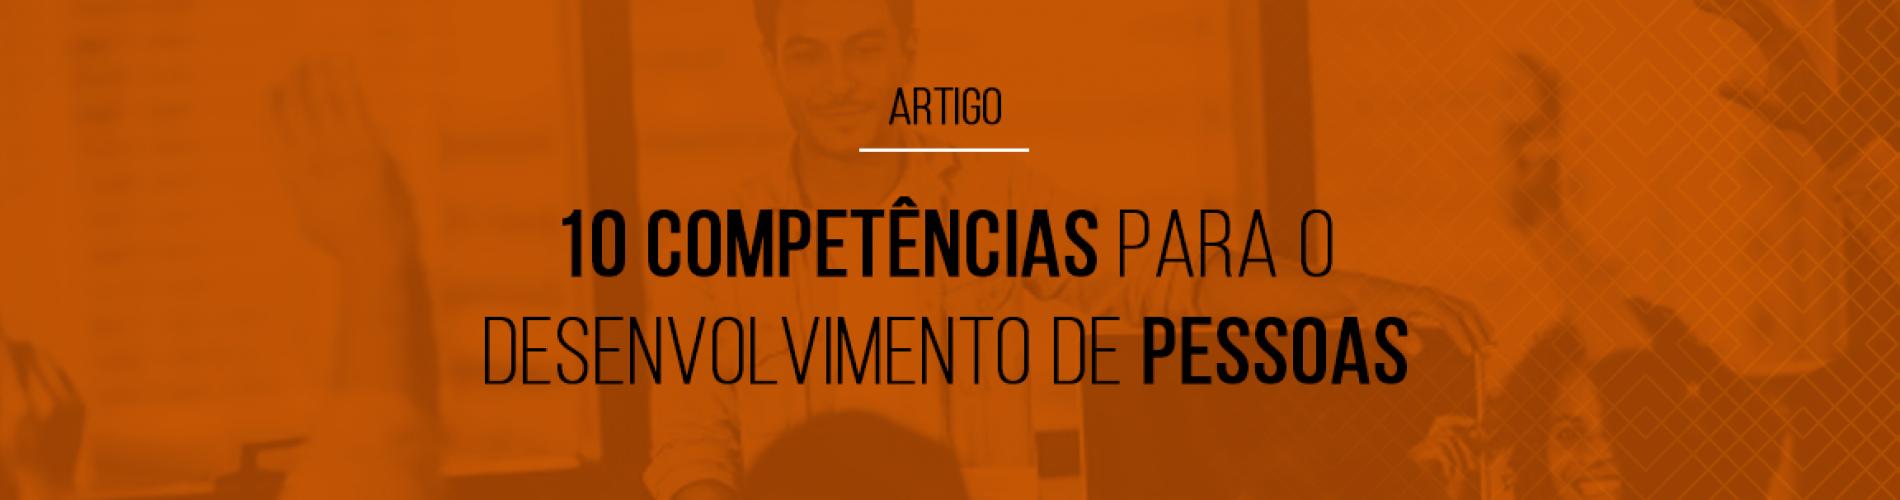 10-competencias-para-o-desenvolvimento-de-pessoas